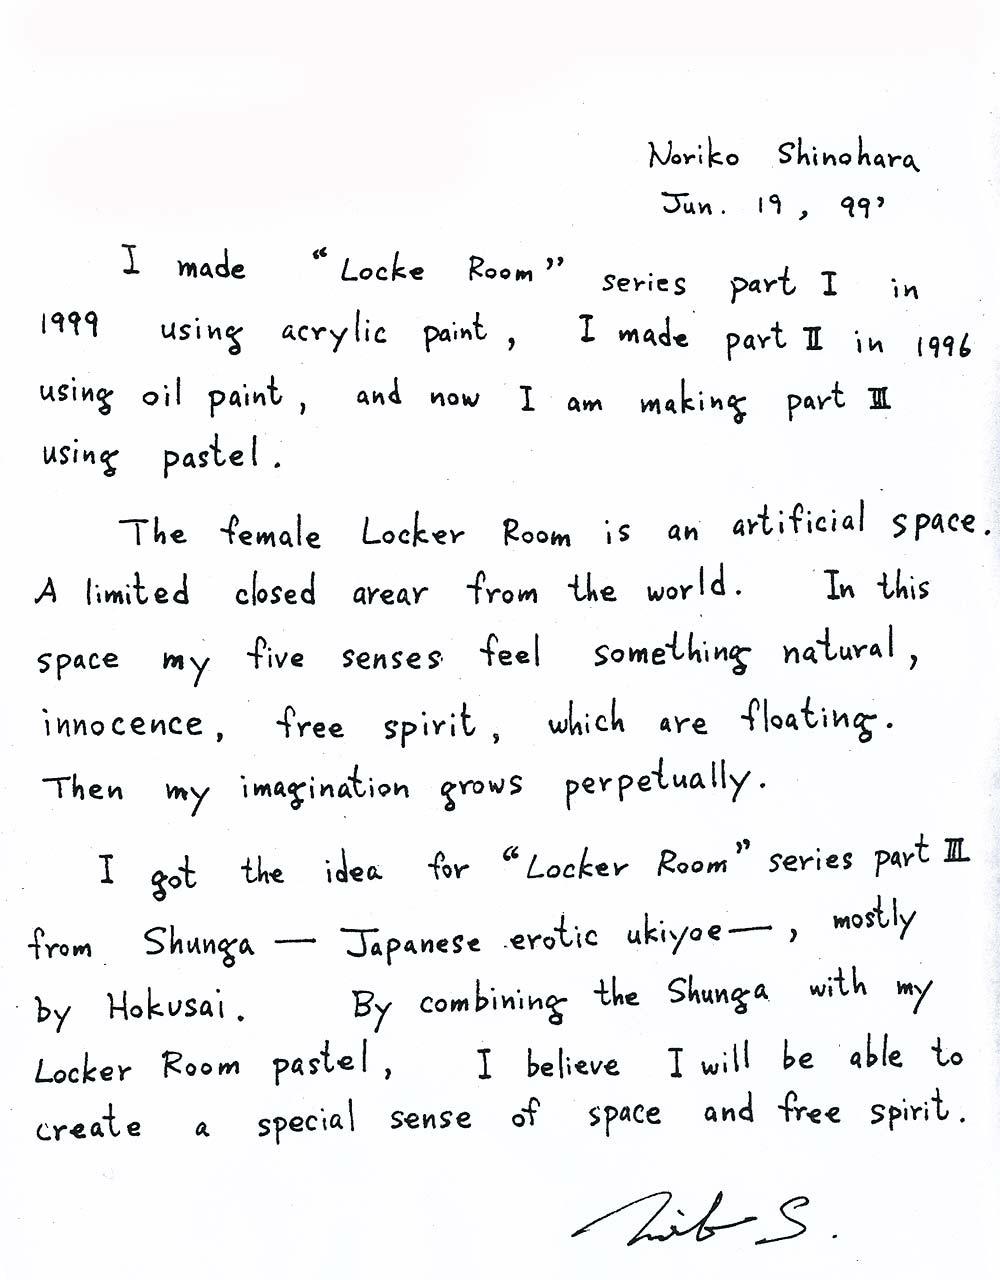 Noriko Shinohara's Artist Statement, 1999